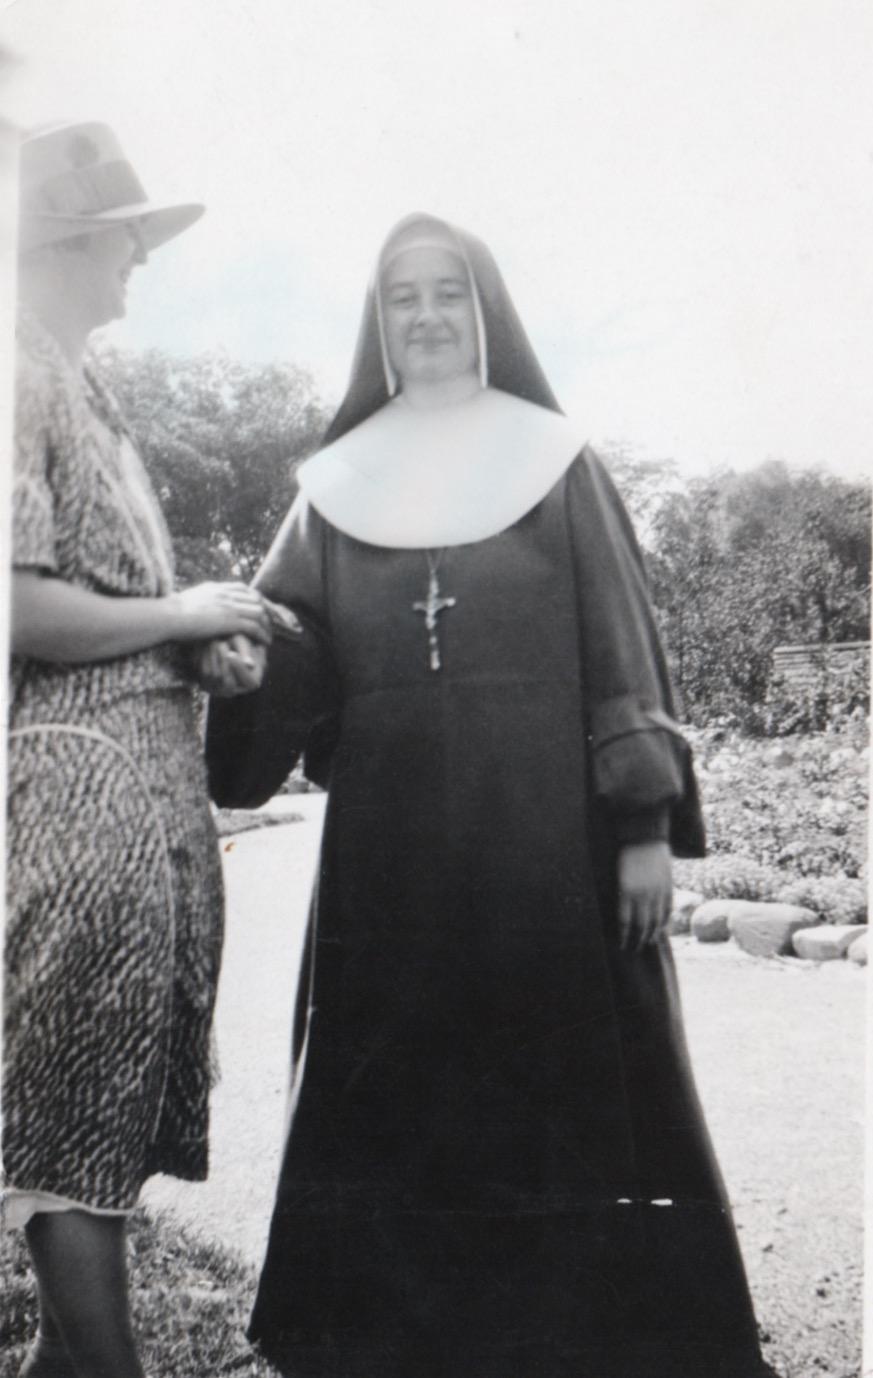 Lucille Rhoads (1906-2004) - Sister Jamesetta Rhoads